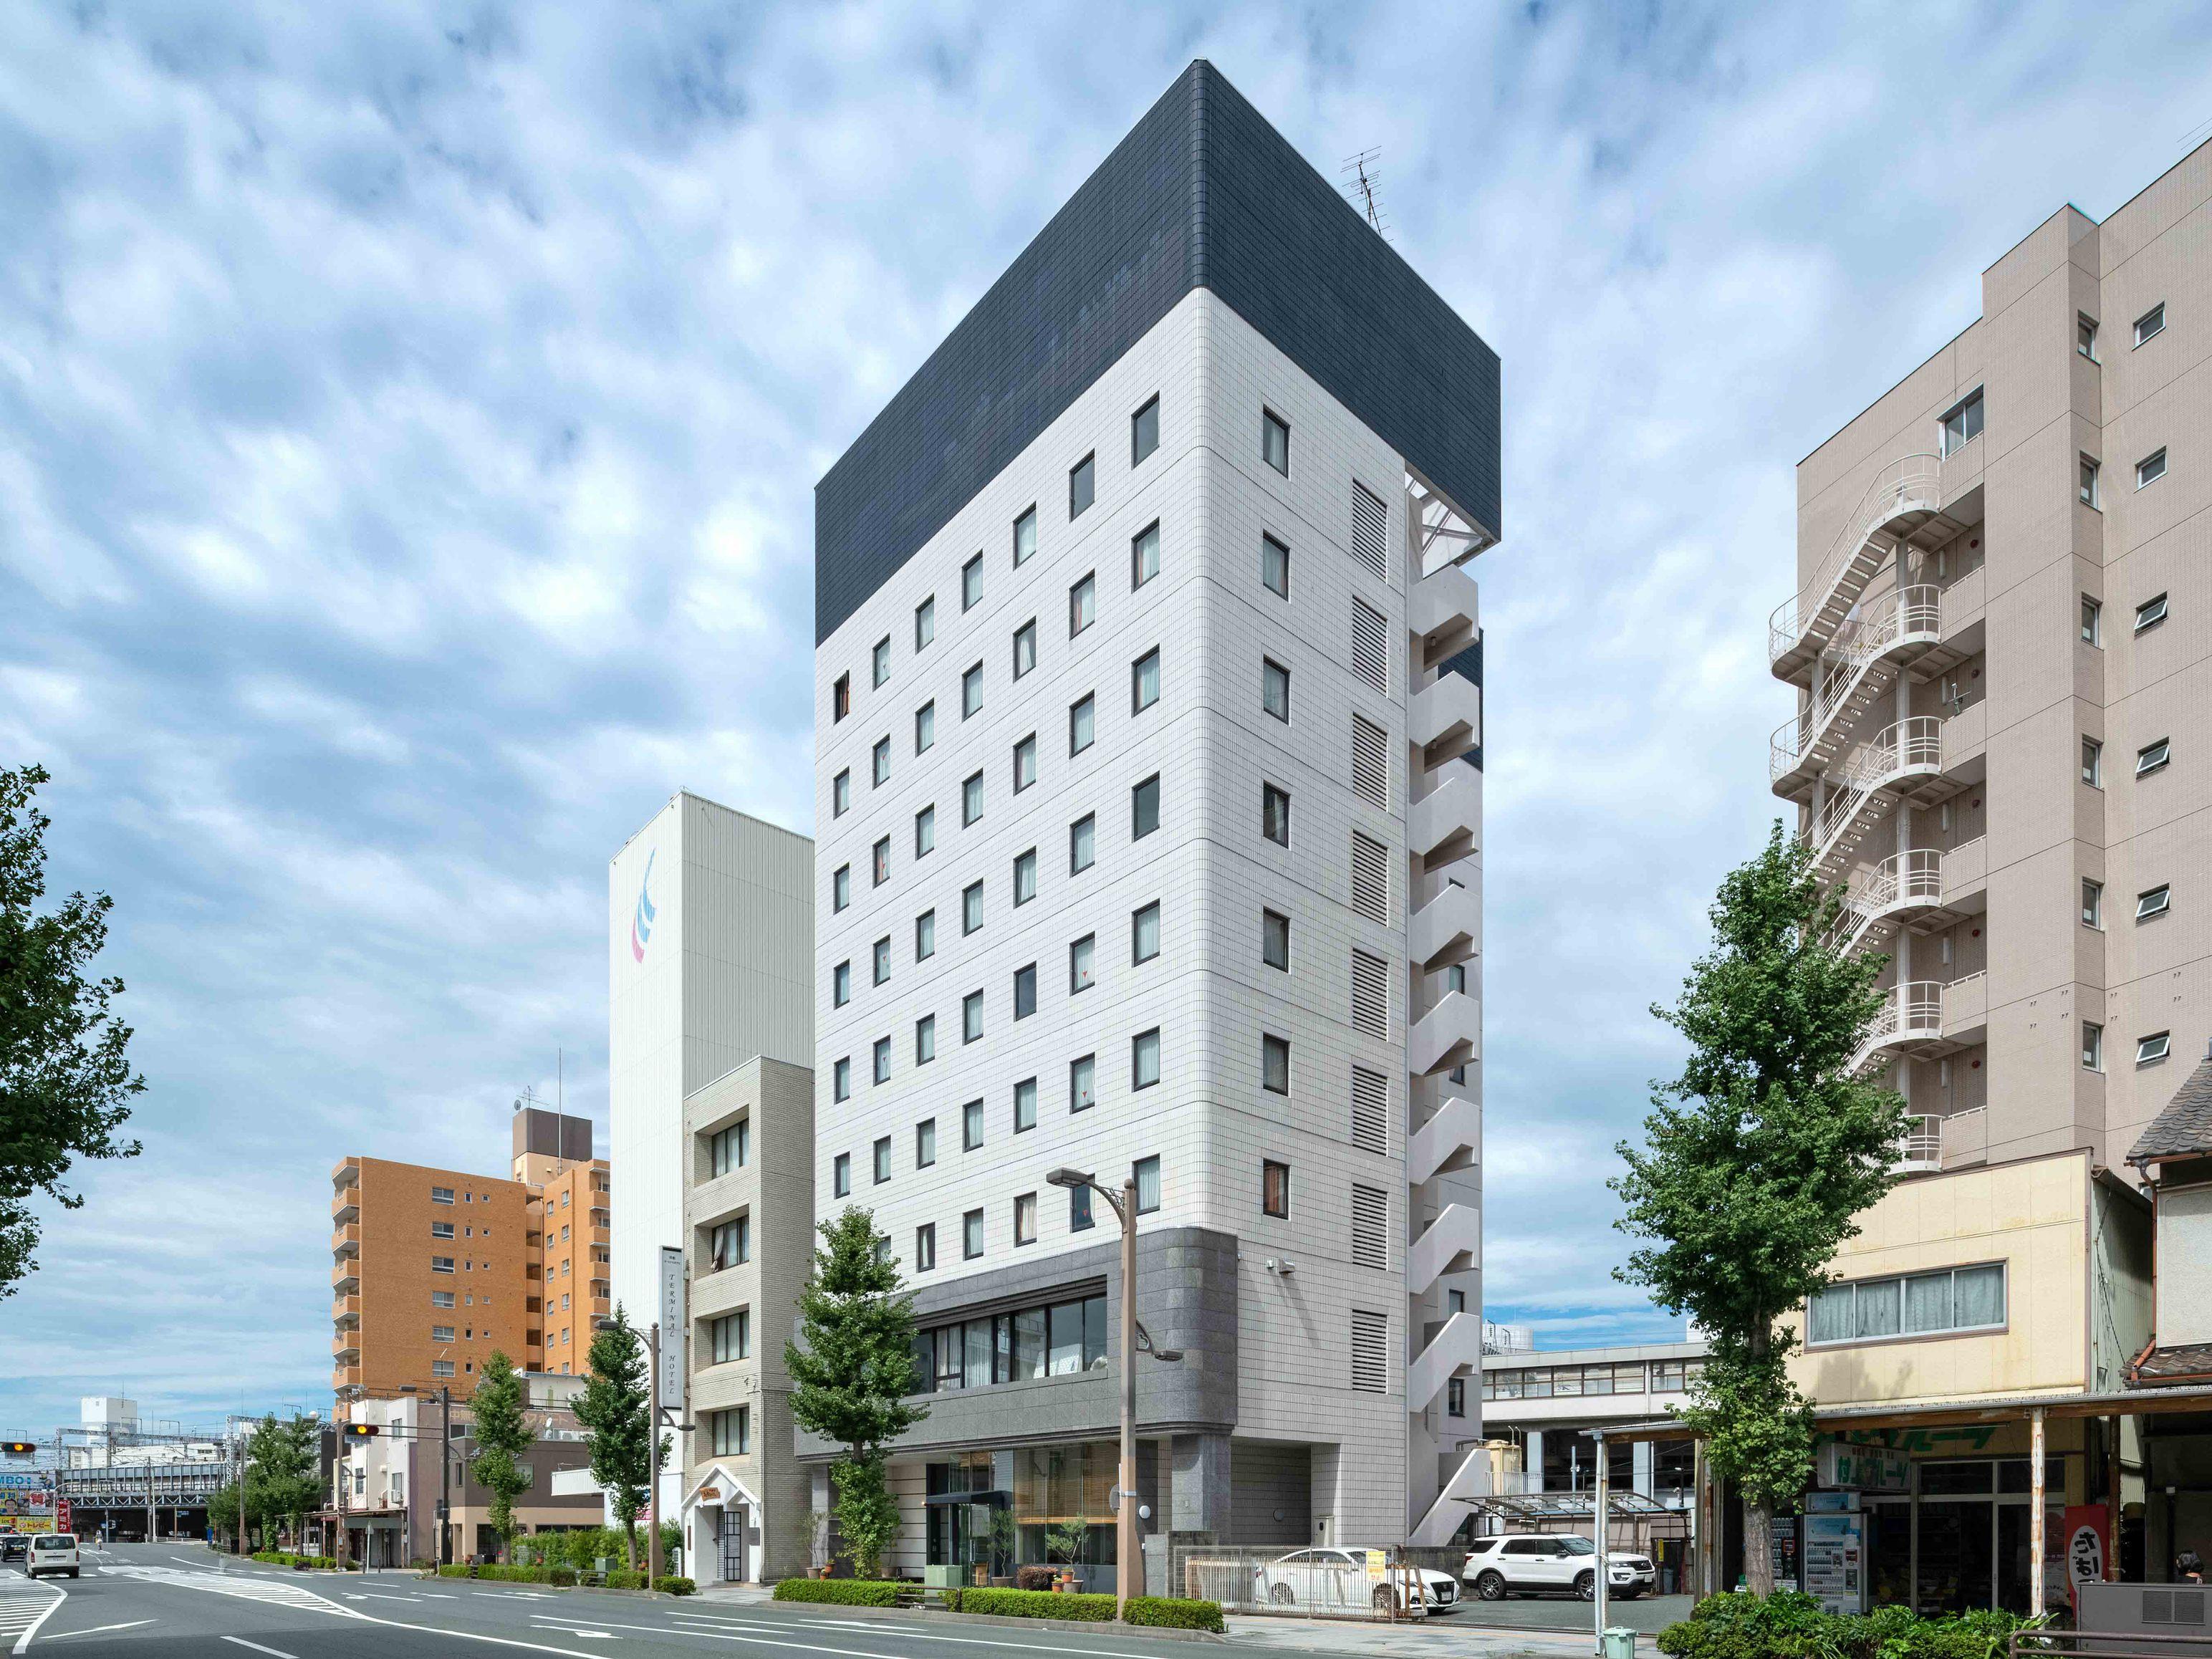 浜松駅周辺で便利なカプセルホテルは?